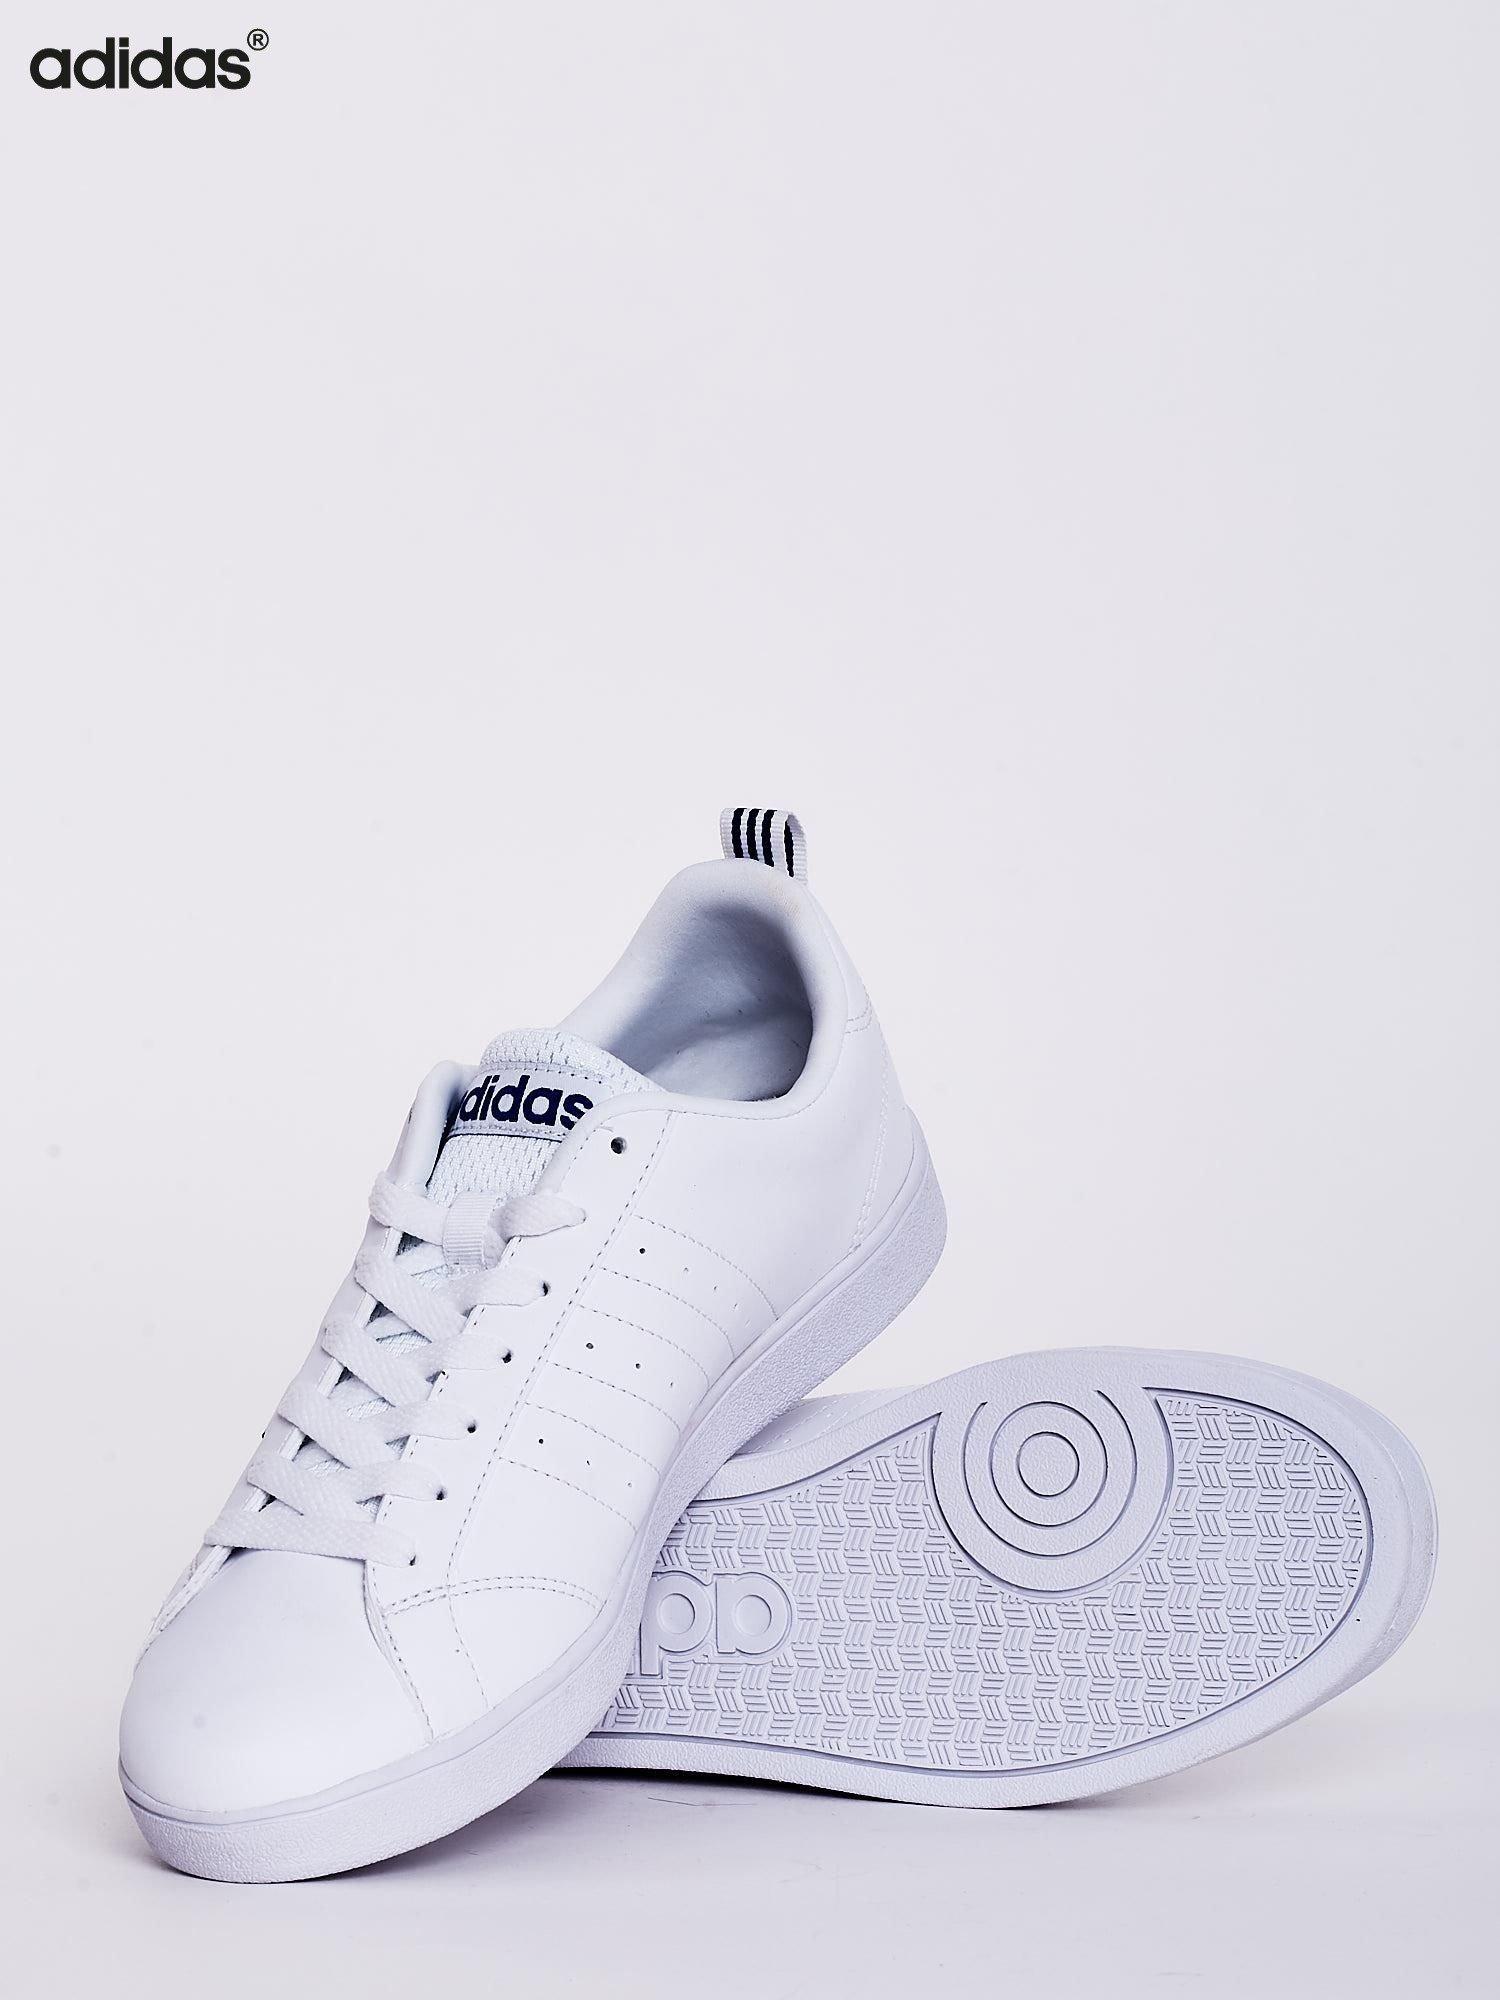 56e32651ad60c Buty Adidas Męskie Vs Mężczyźni Advantage Białe wC5zq1RPx